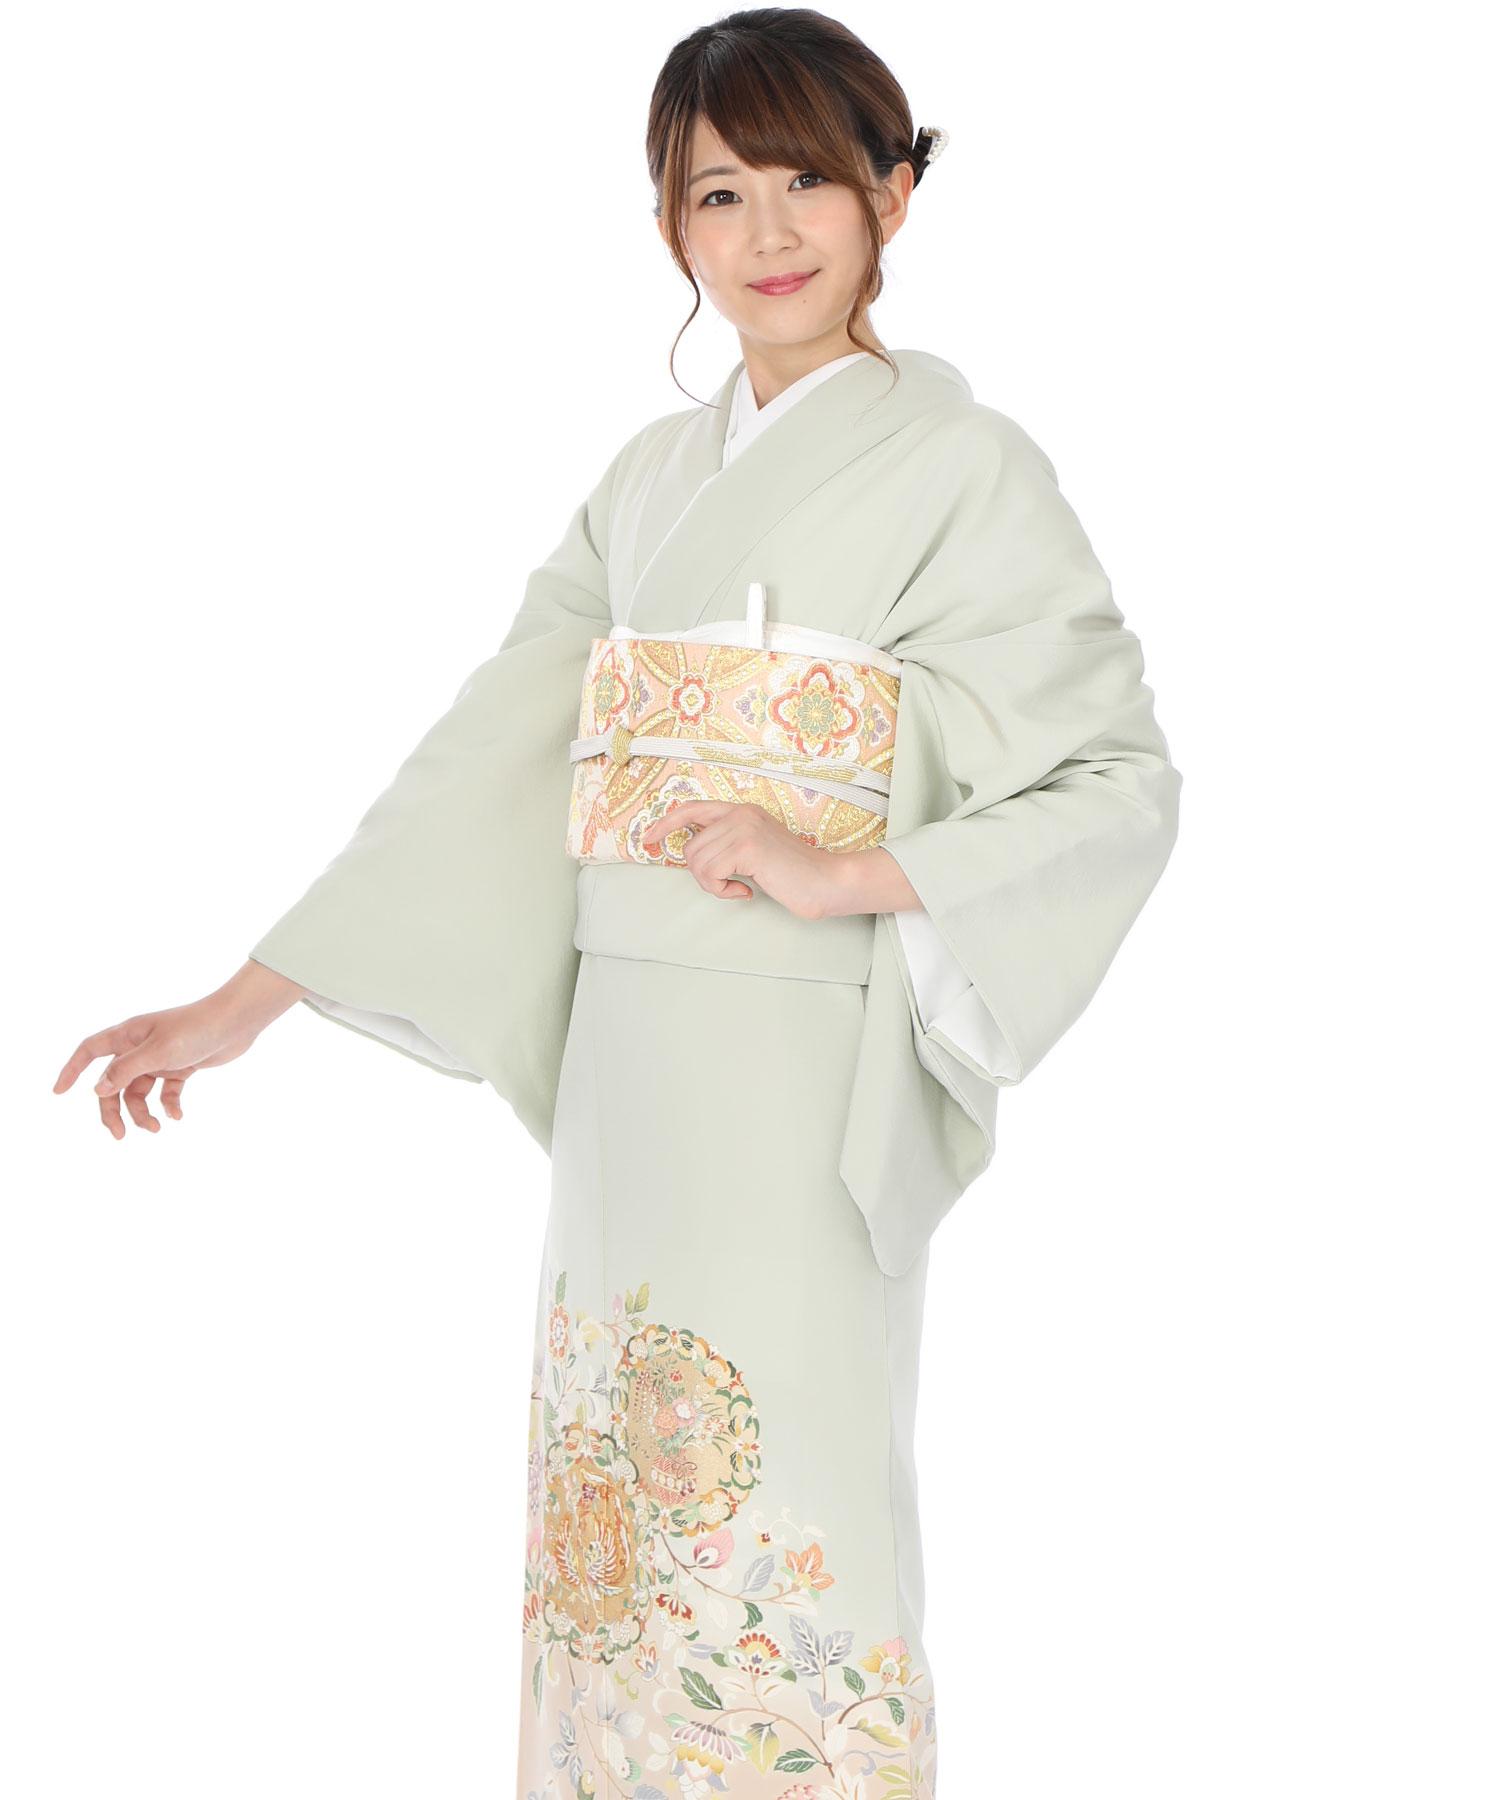 色留袖|薄緑に鳳凰と花|I0042|L